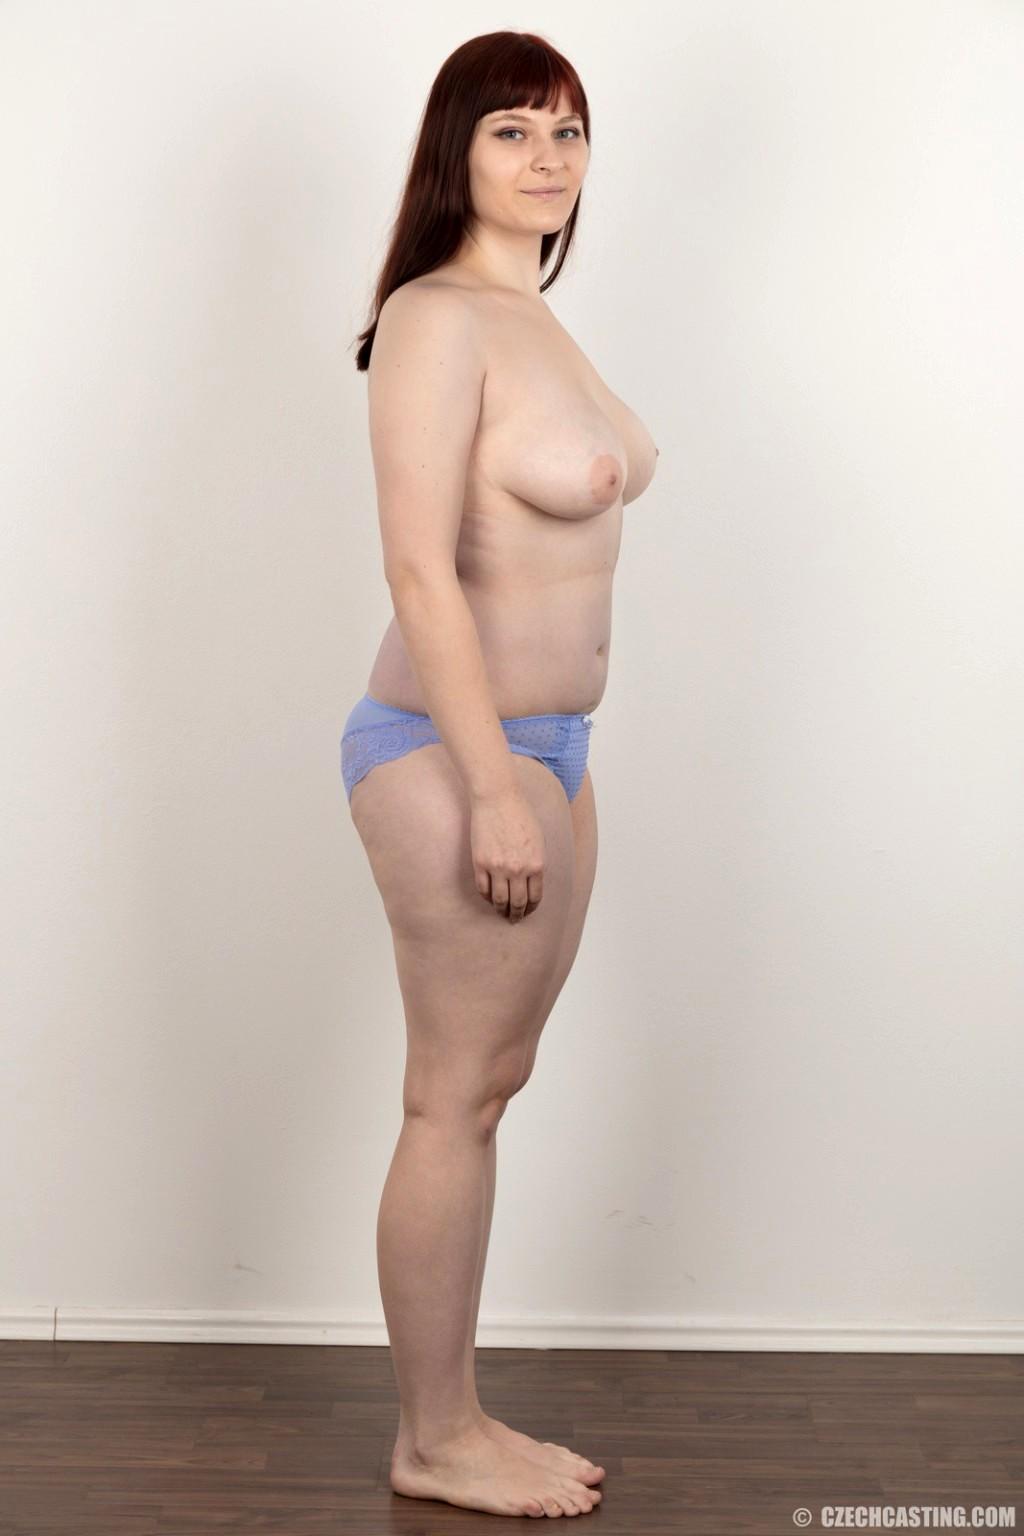 Czech Casting Czechcasting Model First Class Big Tits -9578